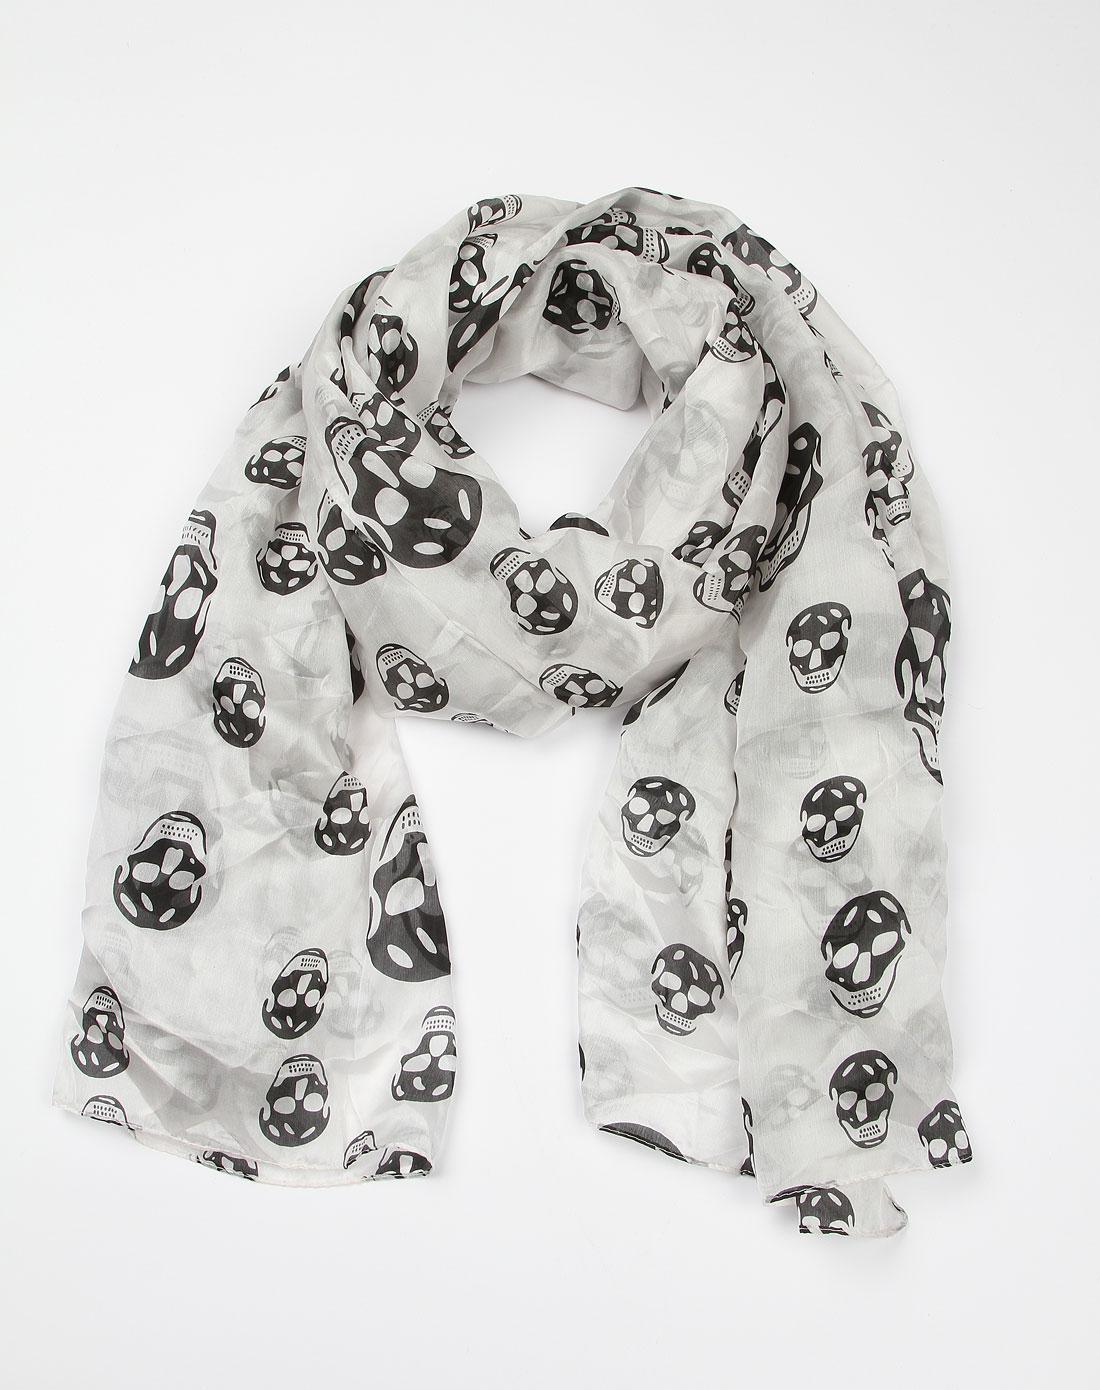 白底黑色骷髅图案时尚围巾